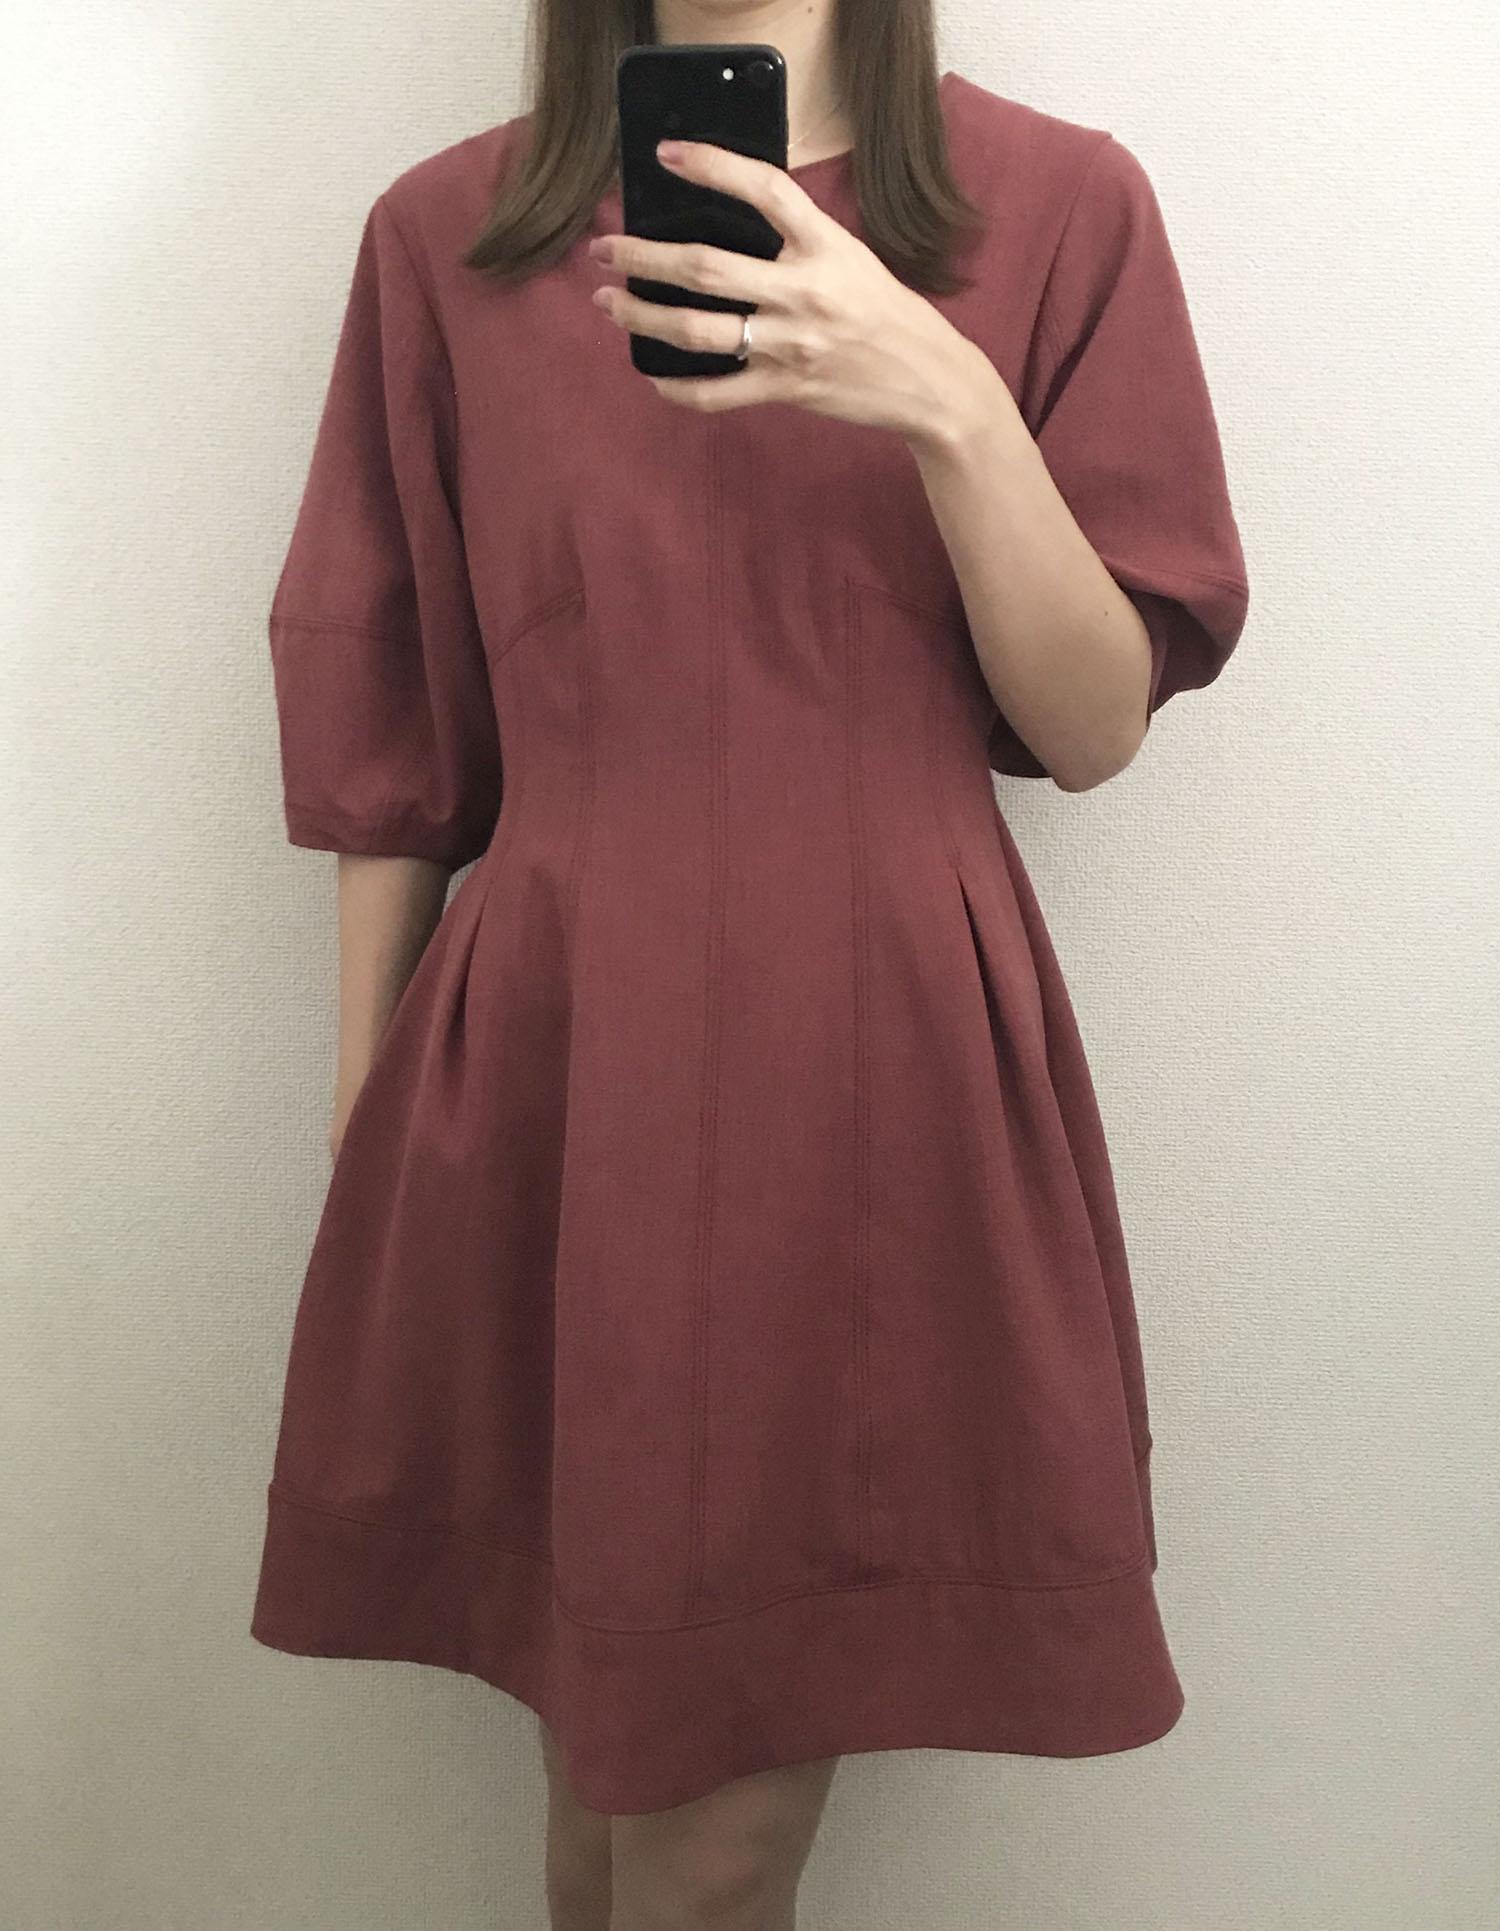 乾ひかり(「破局」をイメージした服を着用)01